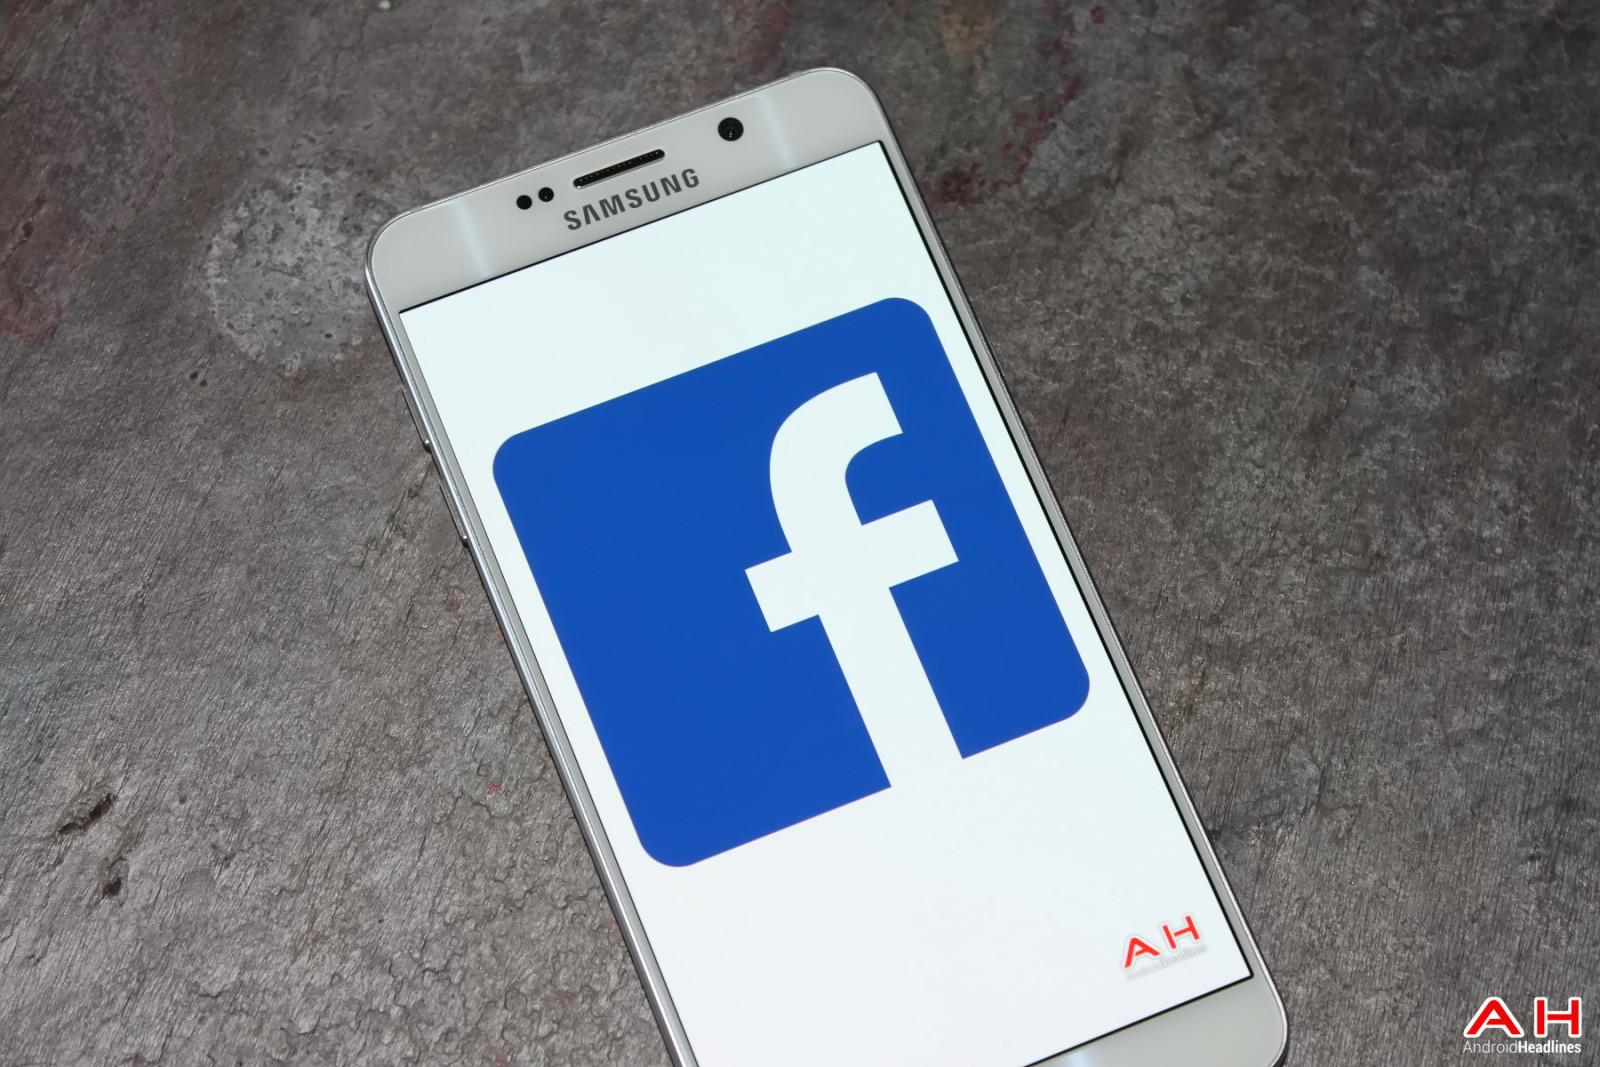 مدیر عامل فیس بوک : فیسبوک تا سال 2030،5 میلیارد کاربر جهانی خواهد داشت